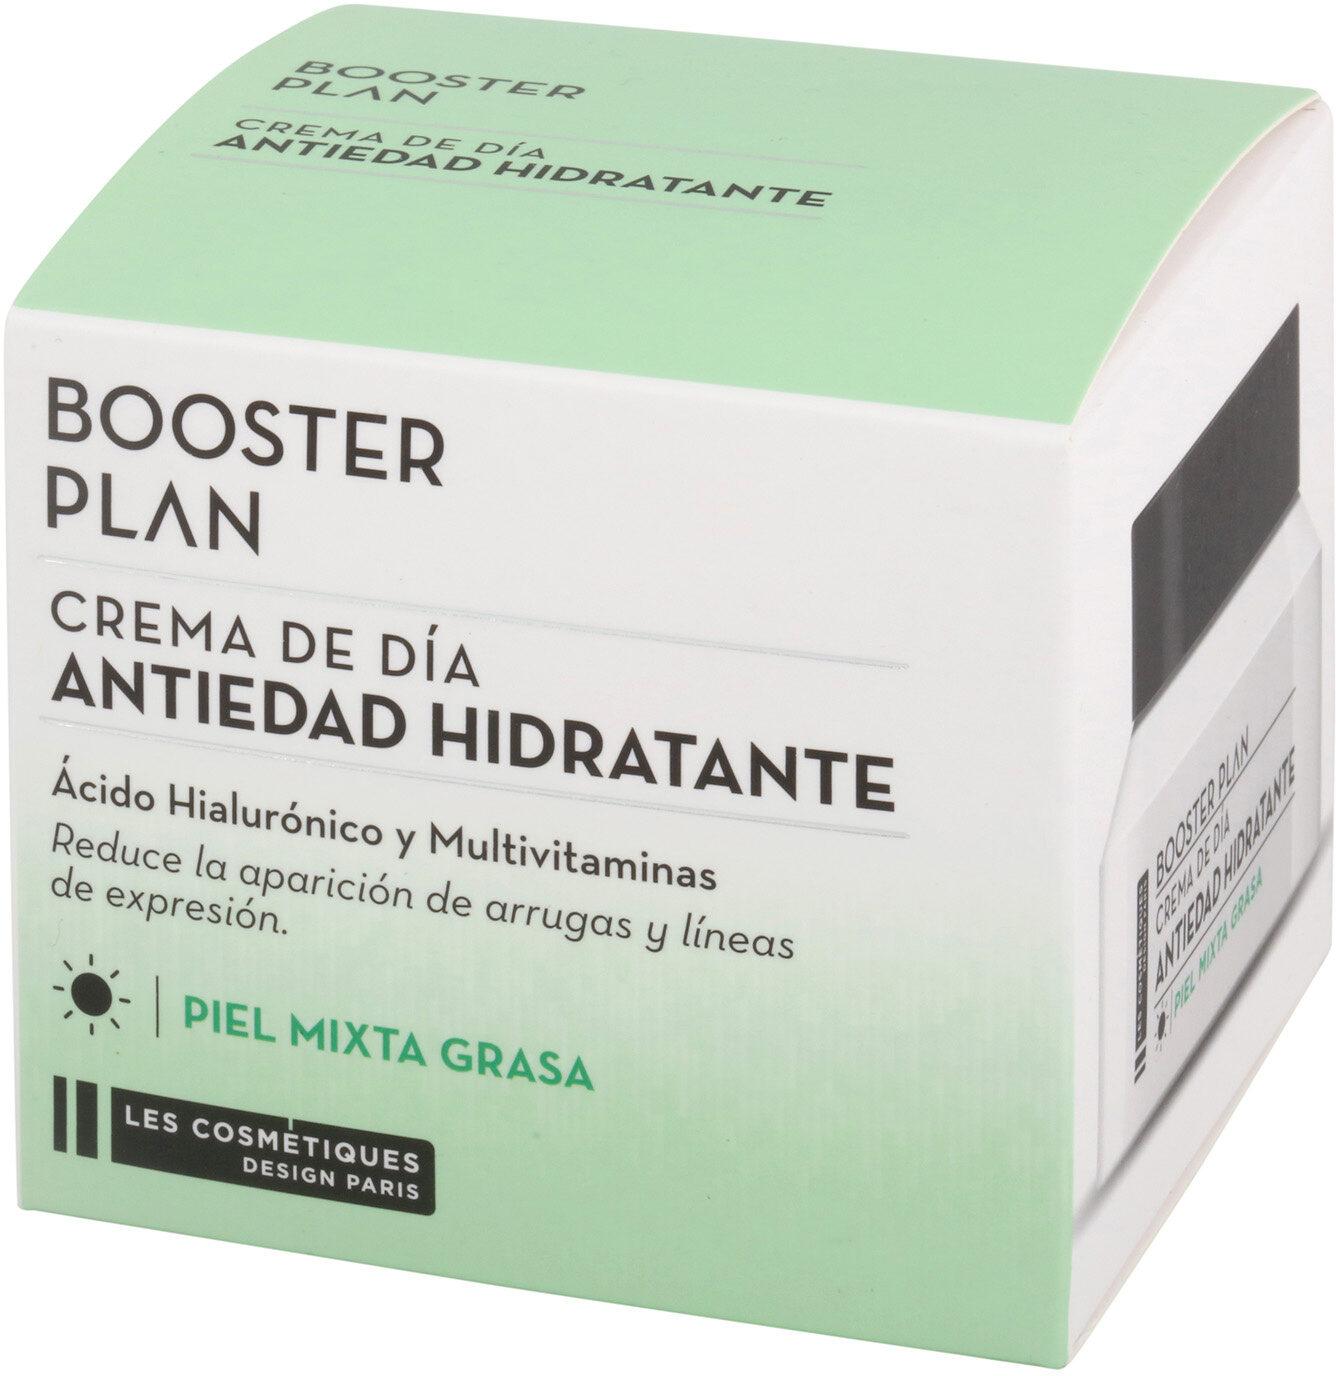 Crema antiedad de día para piel mixta y grasa booster plan - Product - es